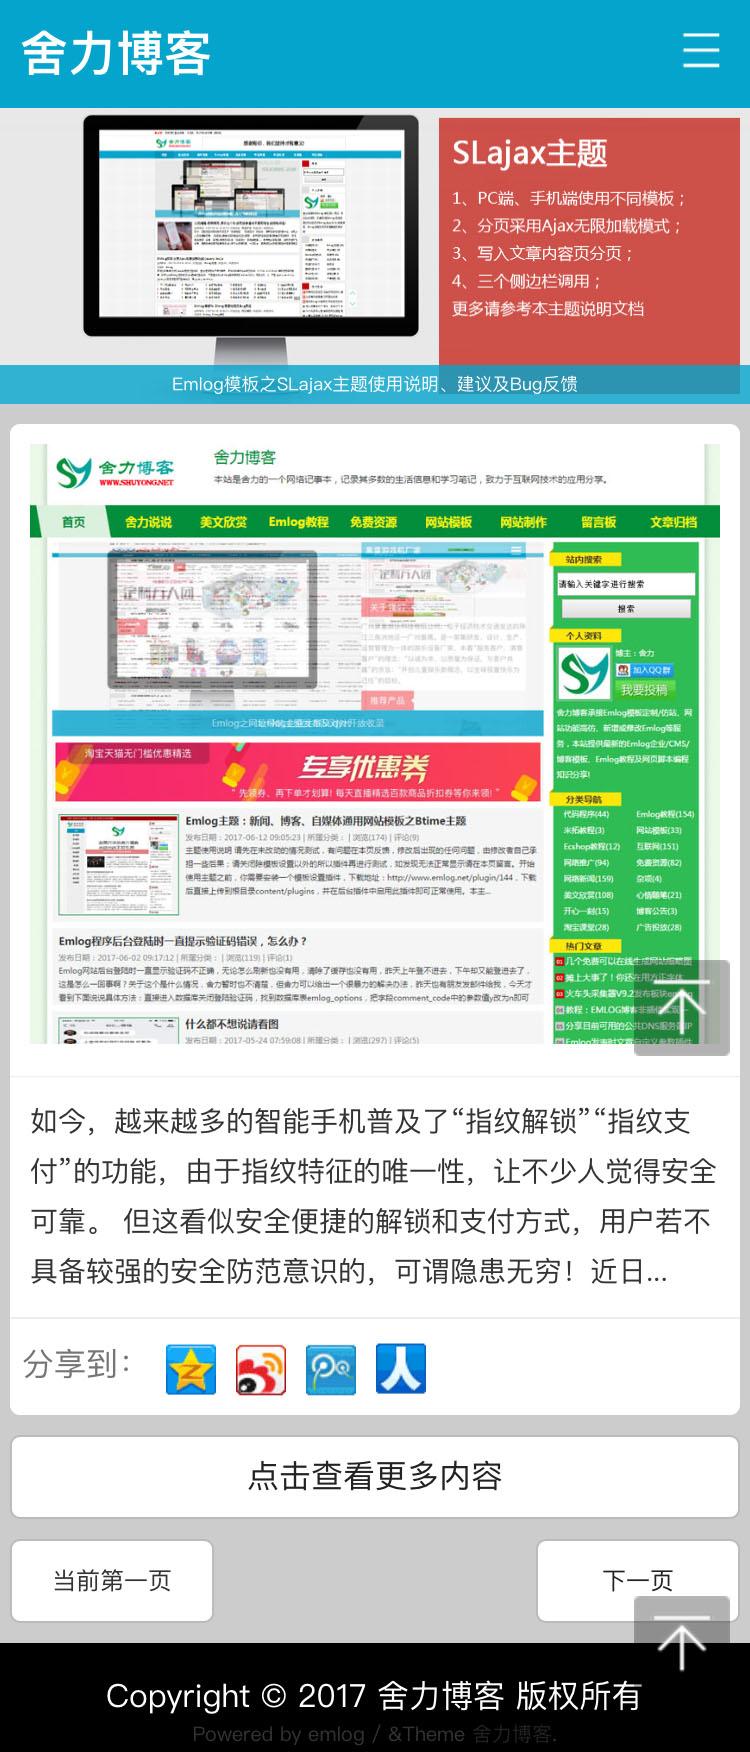 http://www.shuyong.net/957.html